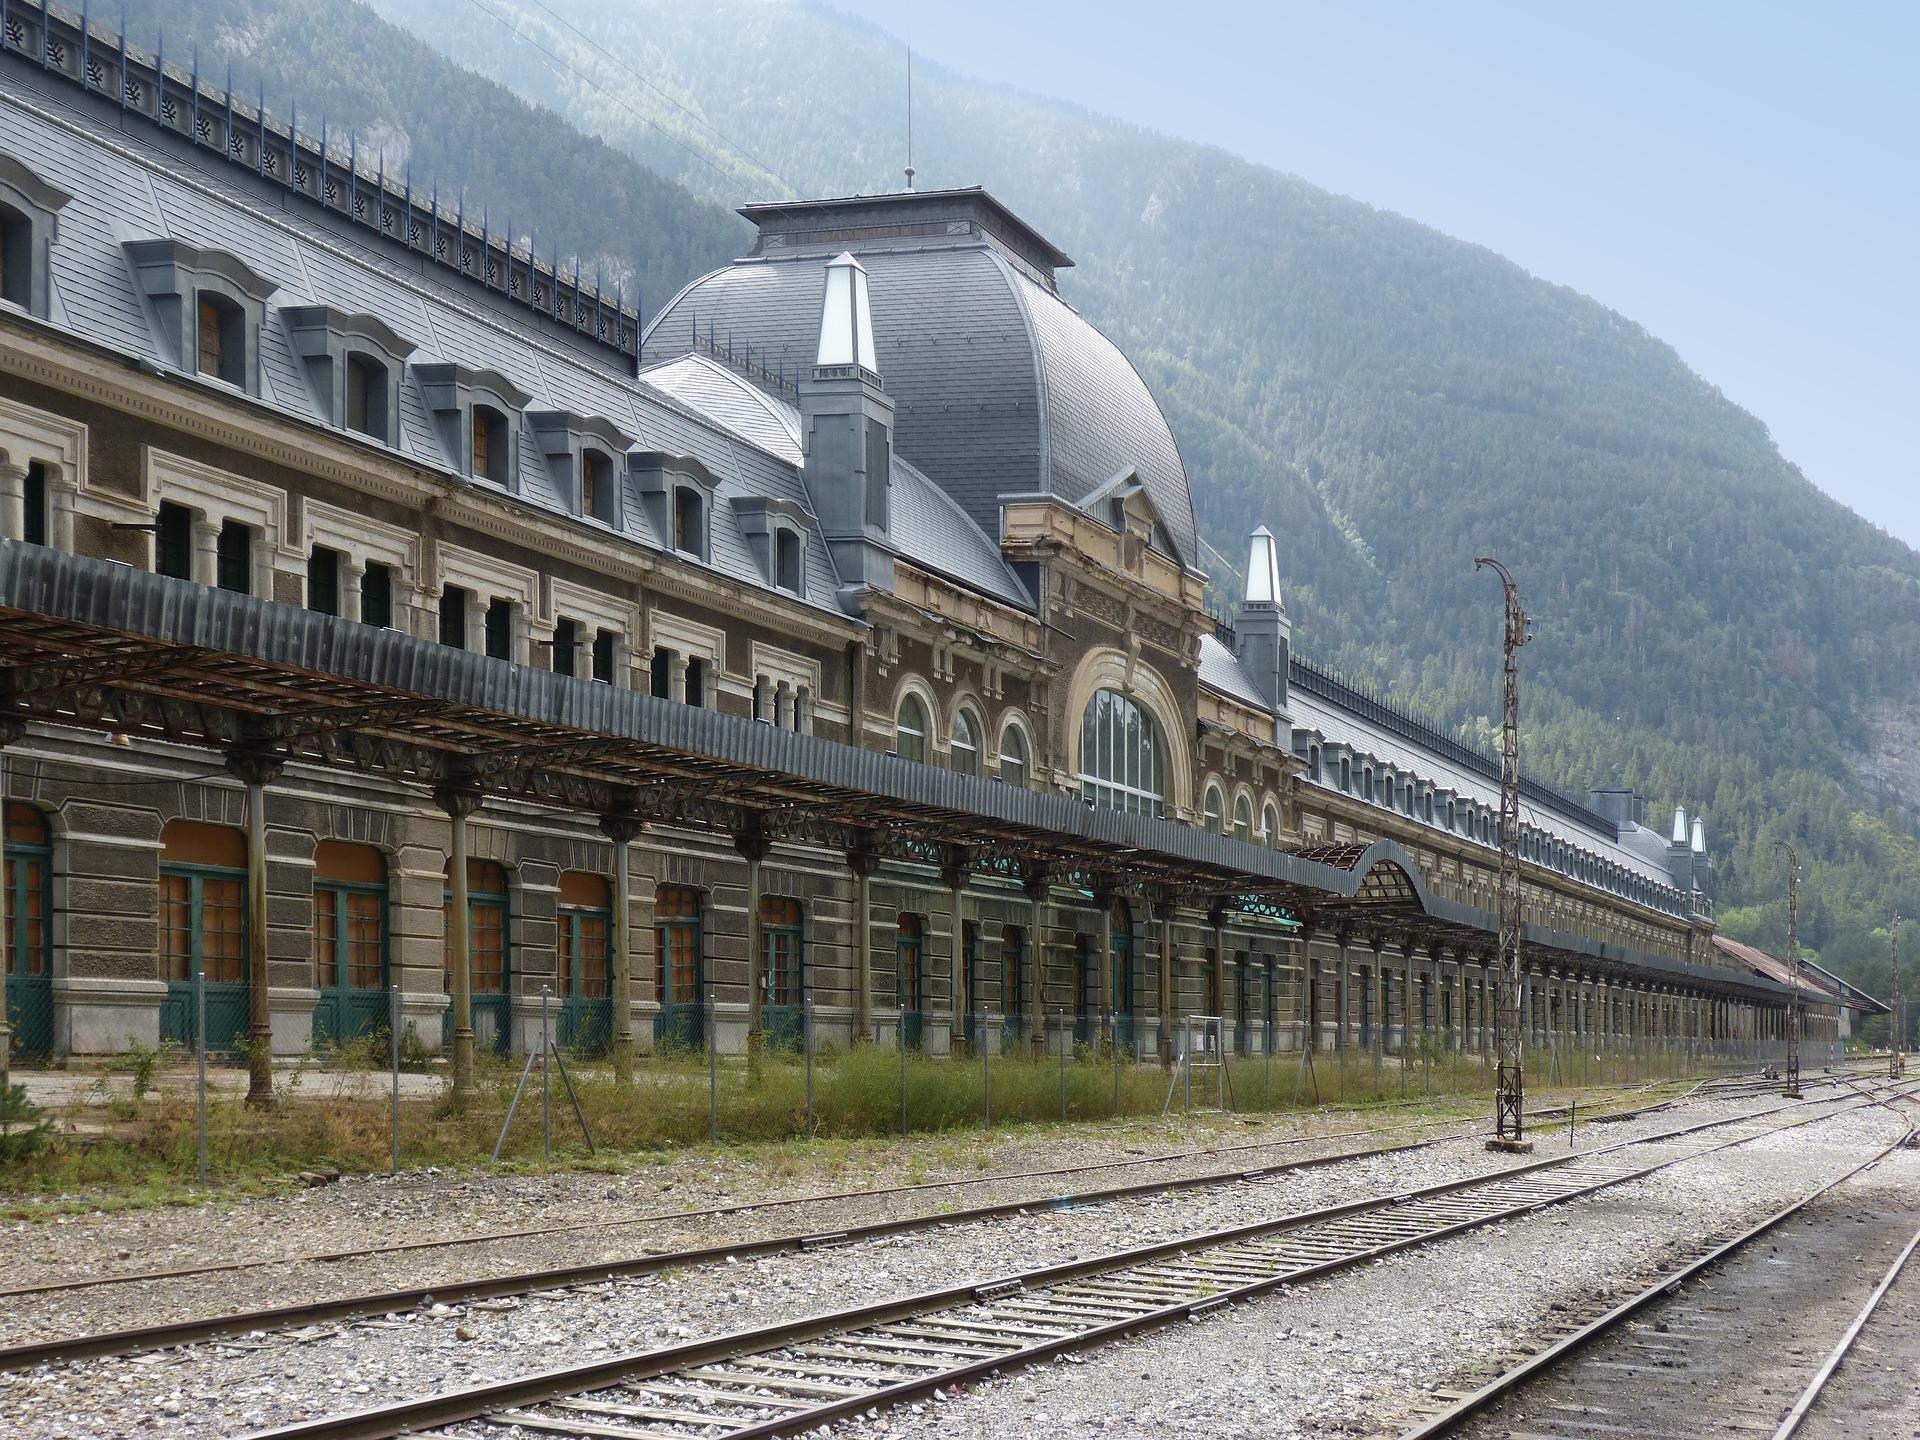 Estacion Canfranc Jaca